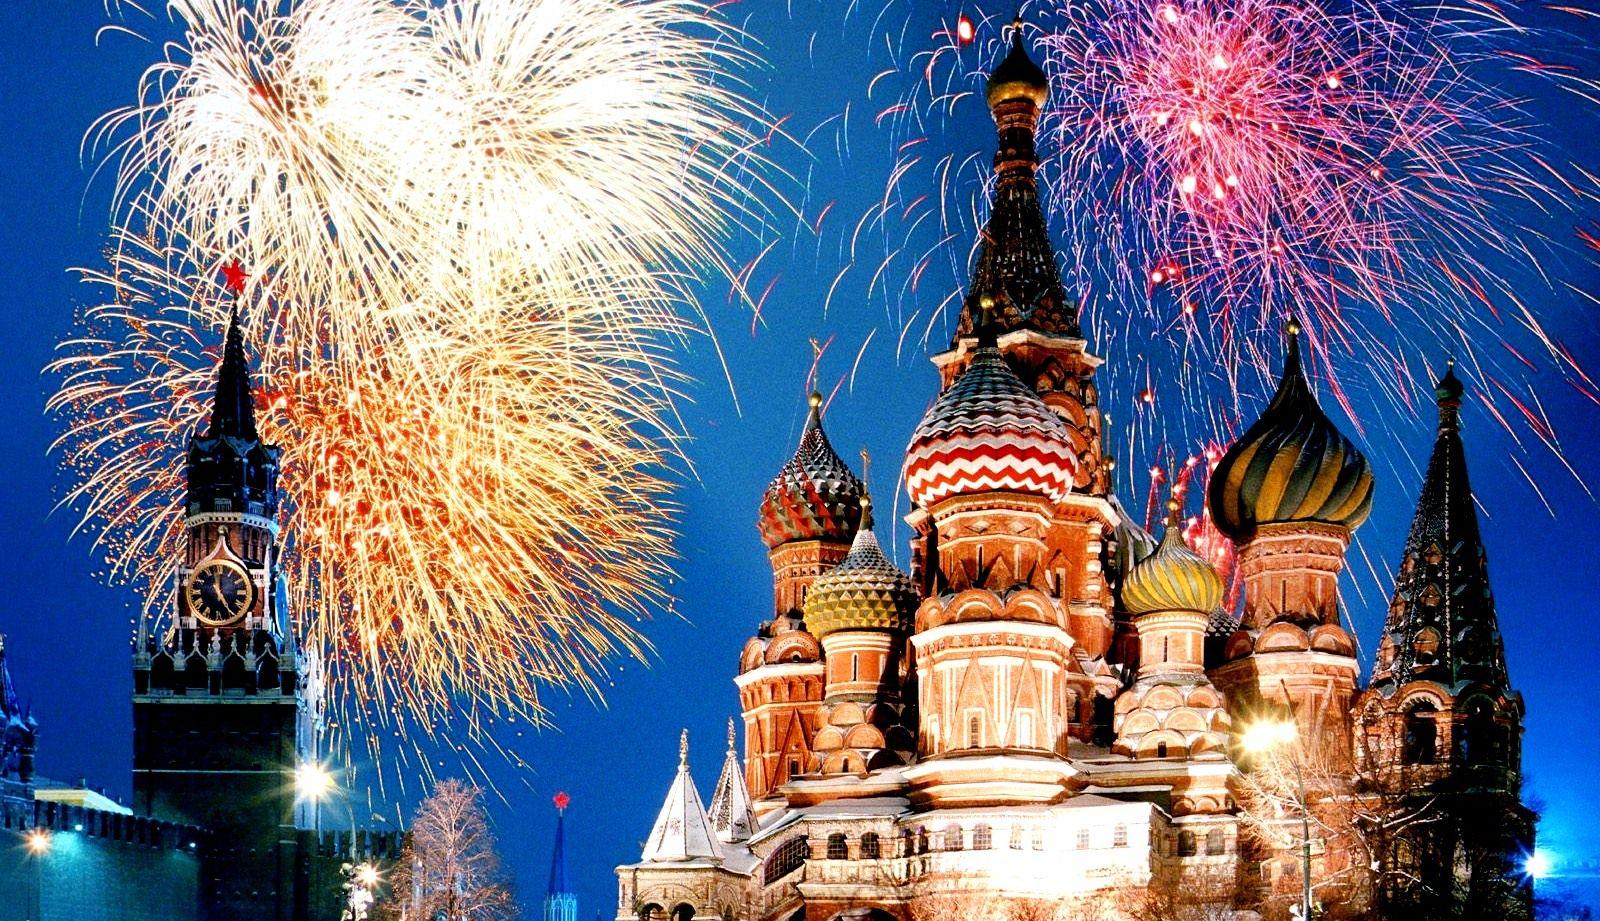 карнизы празднование нового года тур по россии технический углерод